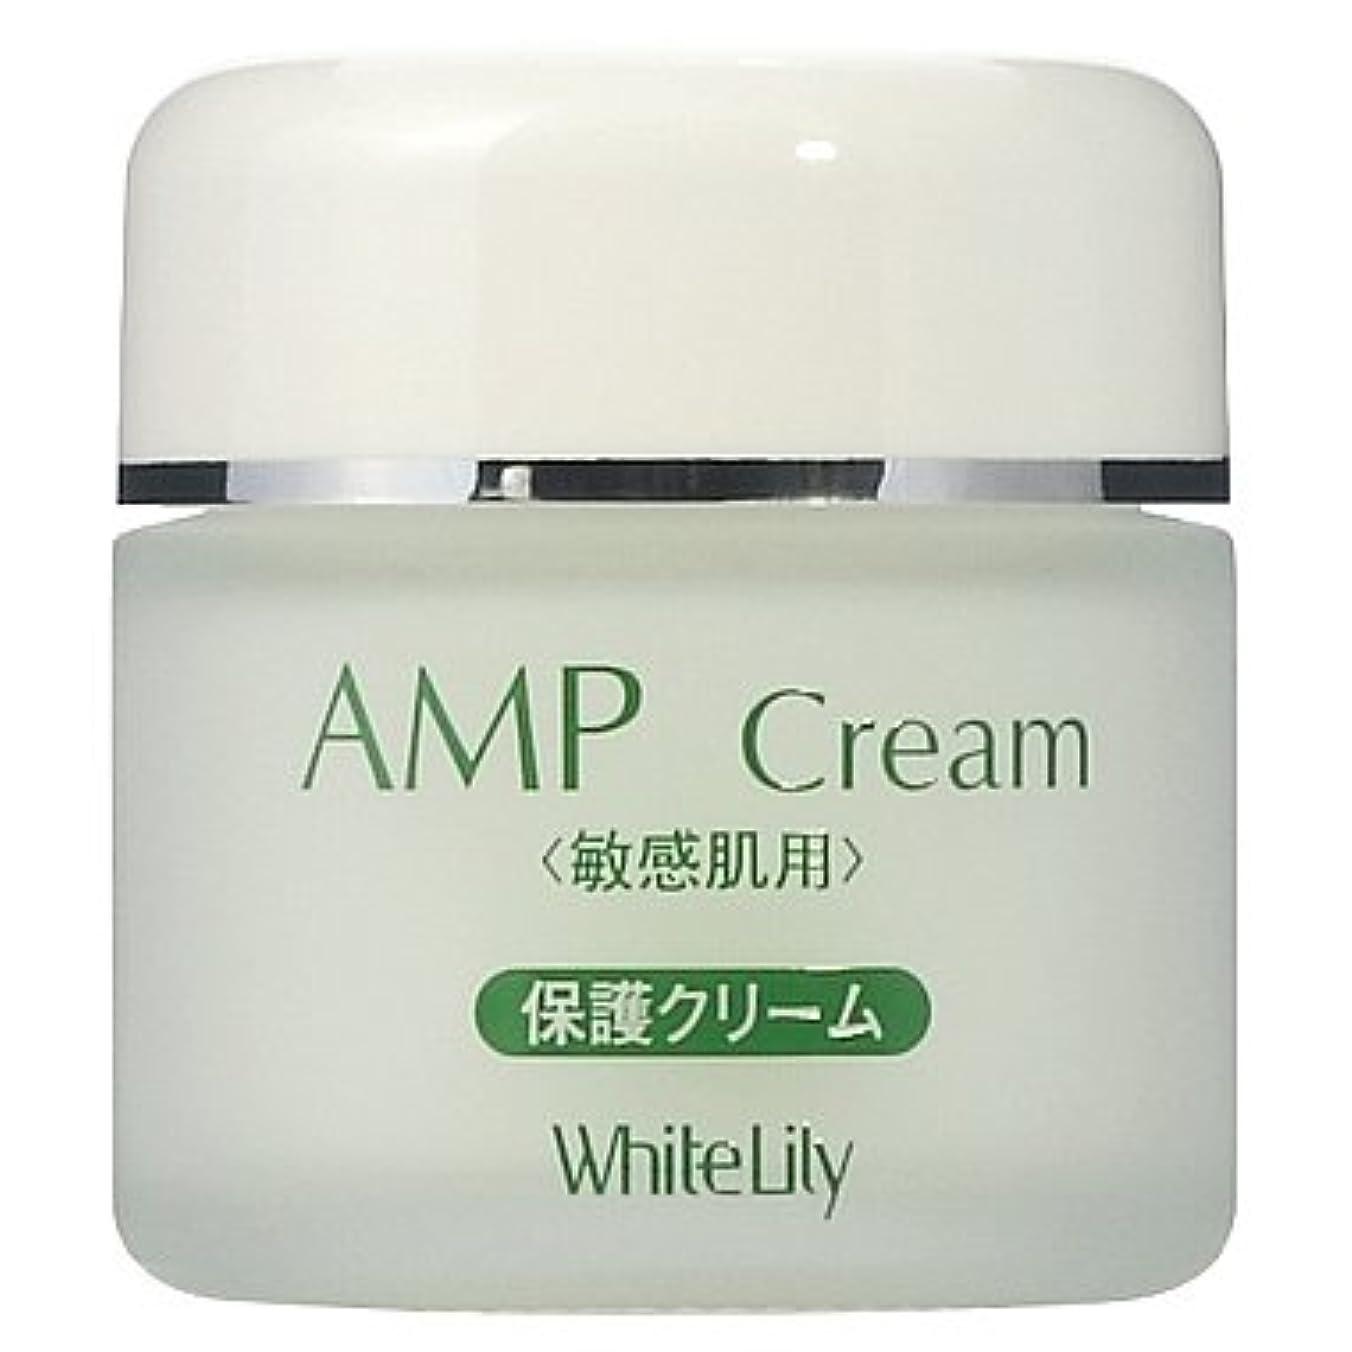 パトロン安全側溝ホワイトリリー AMPクリーム 40g クリーム